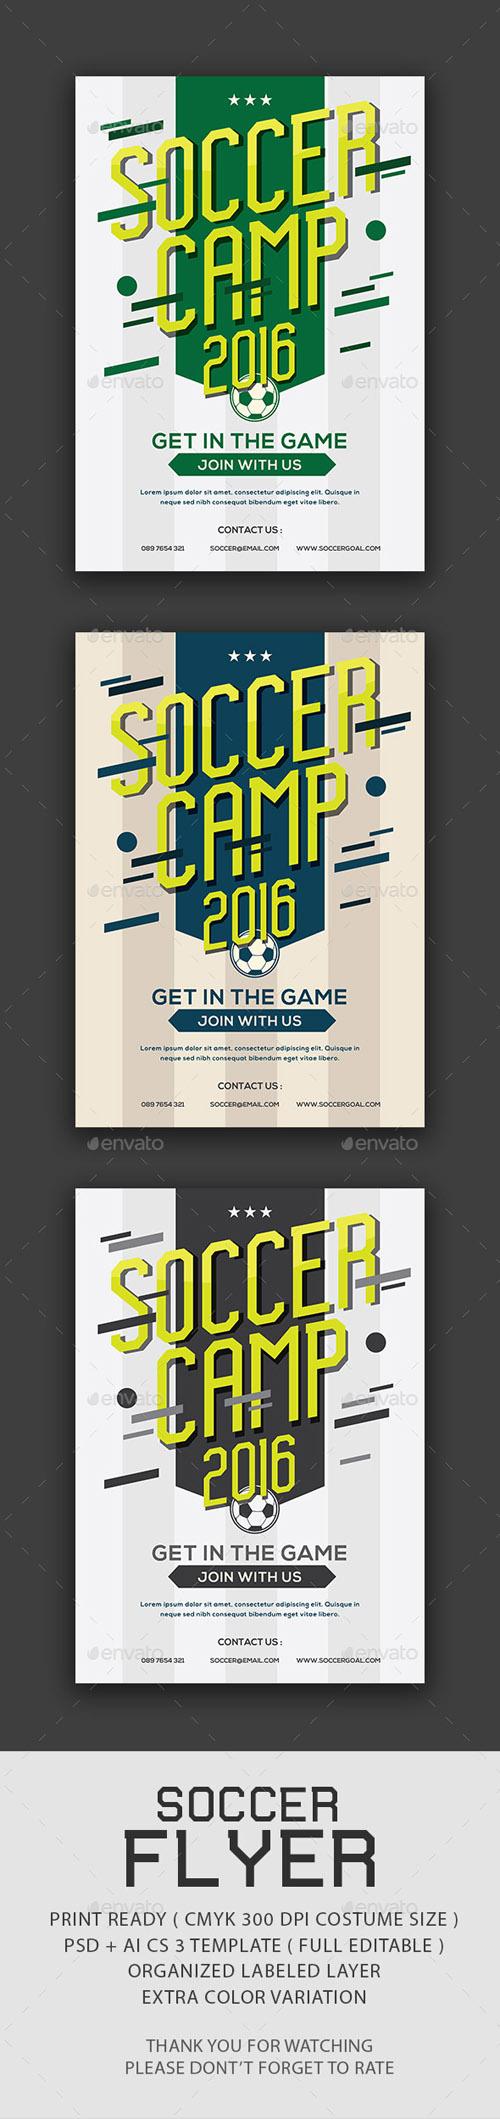 Soccer Camp Flyer 14210677